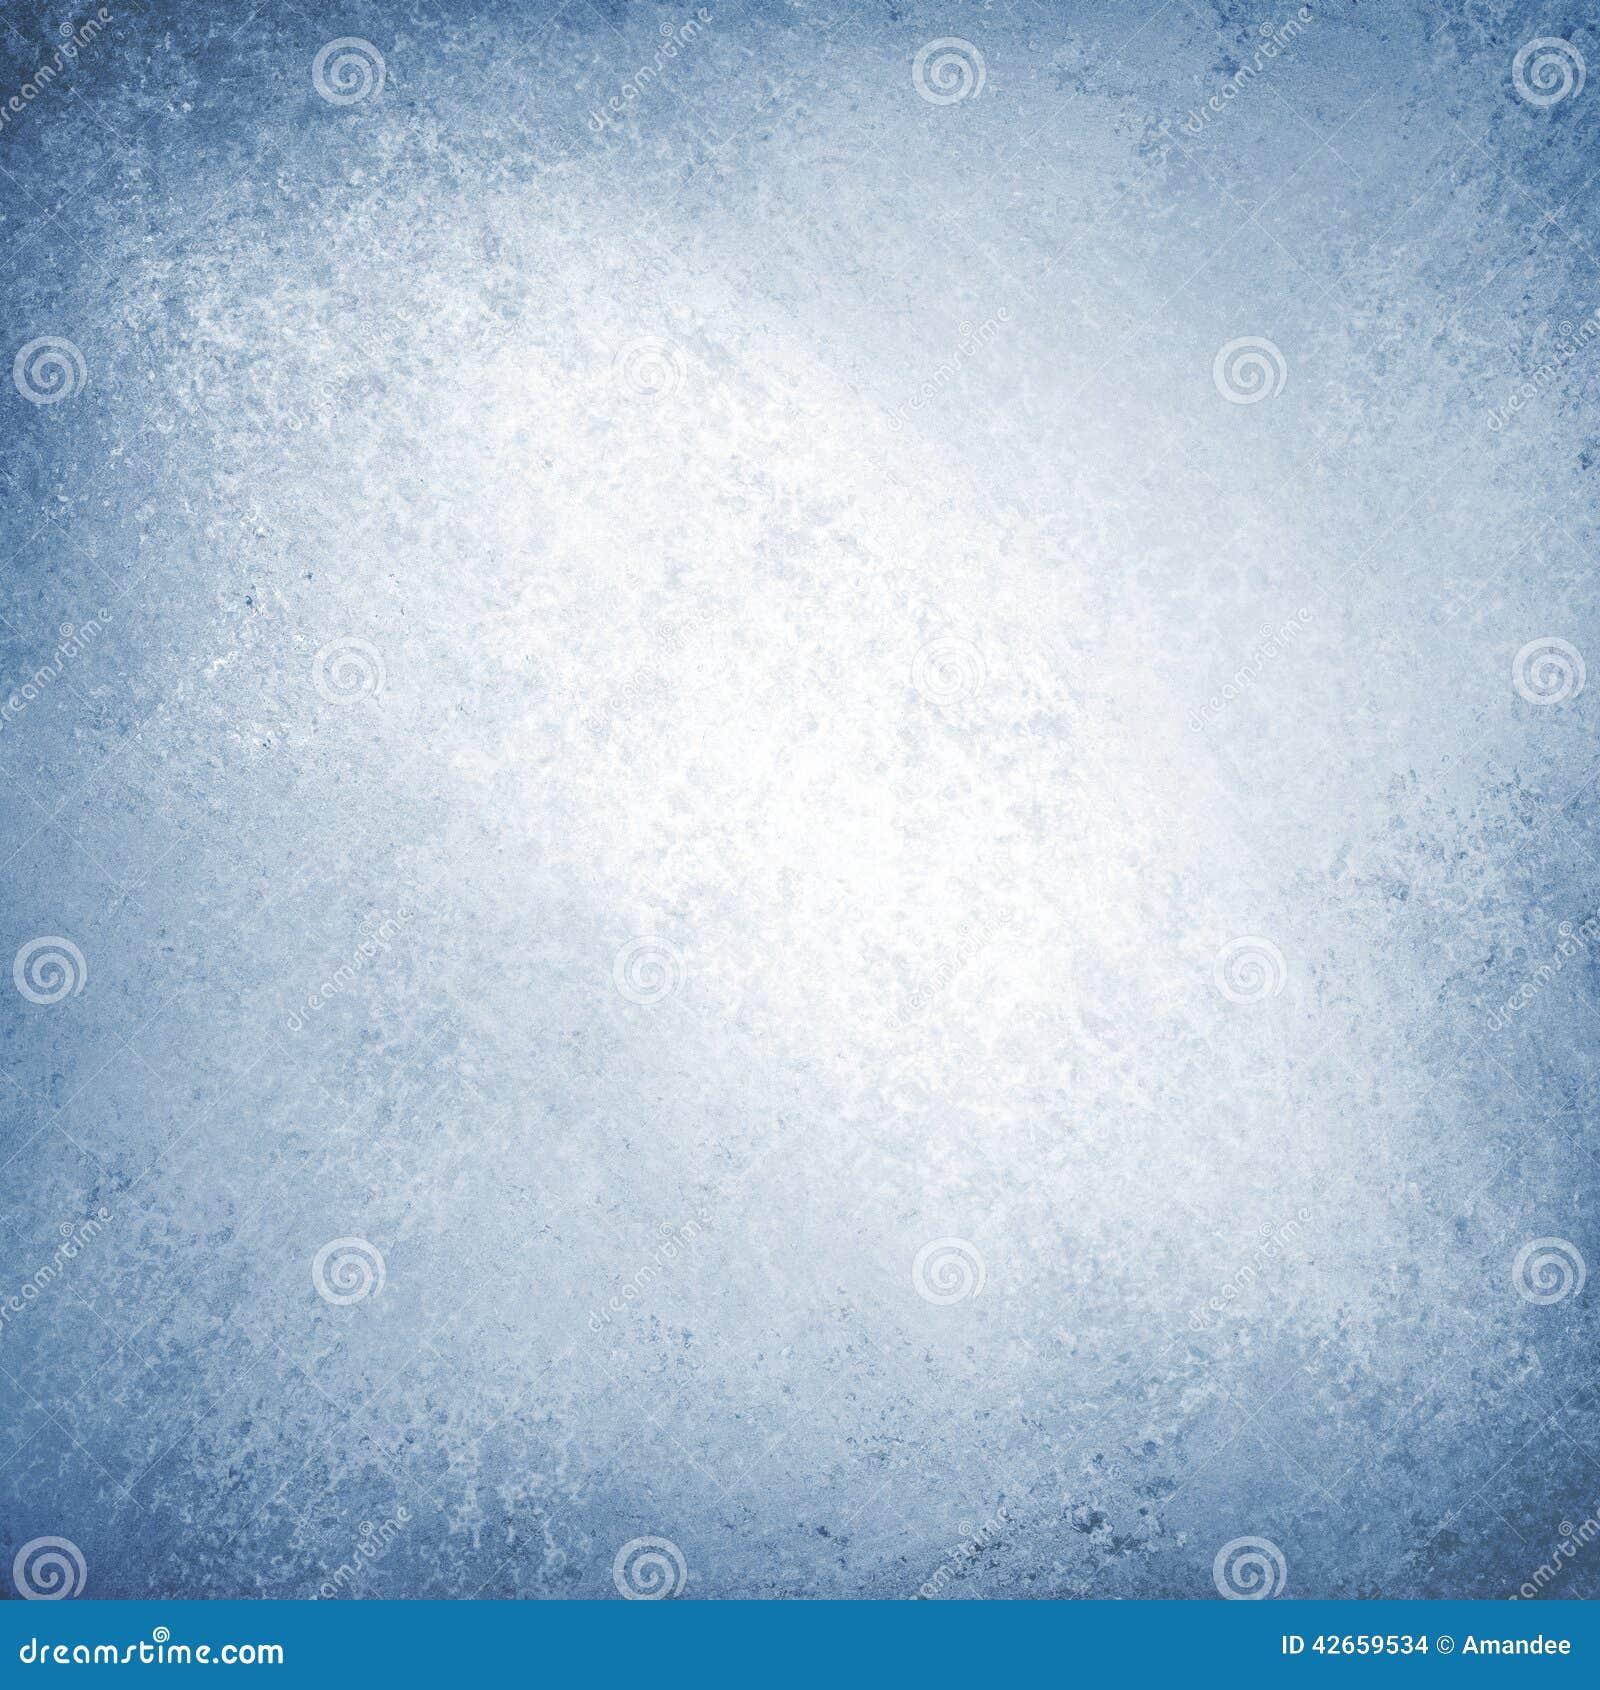 White Background Blue Border Vintage Texture Stock Photo